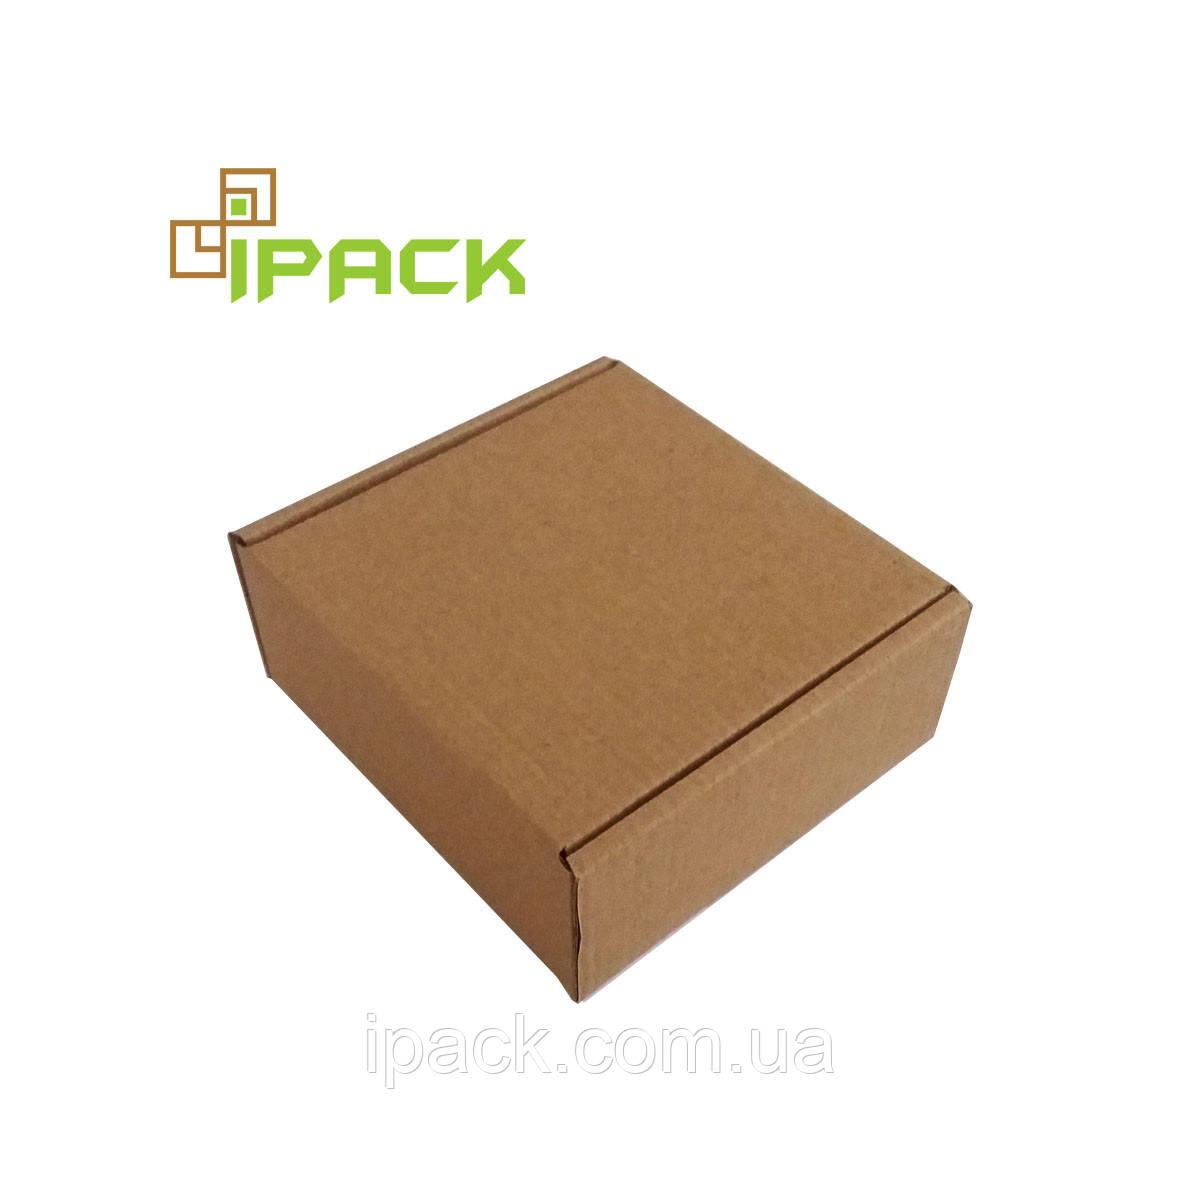 Коробка картонна самозбираюча 130*130*70 мм бура крафт мікрогофрокартон